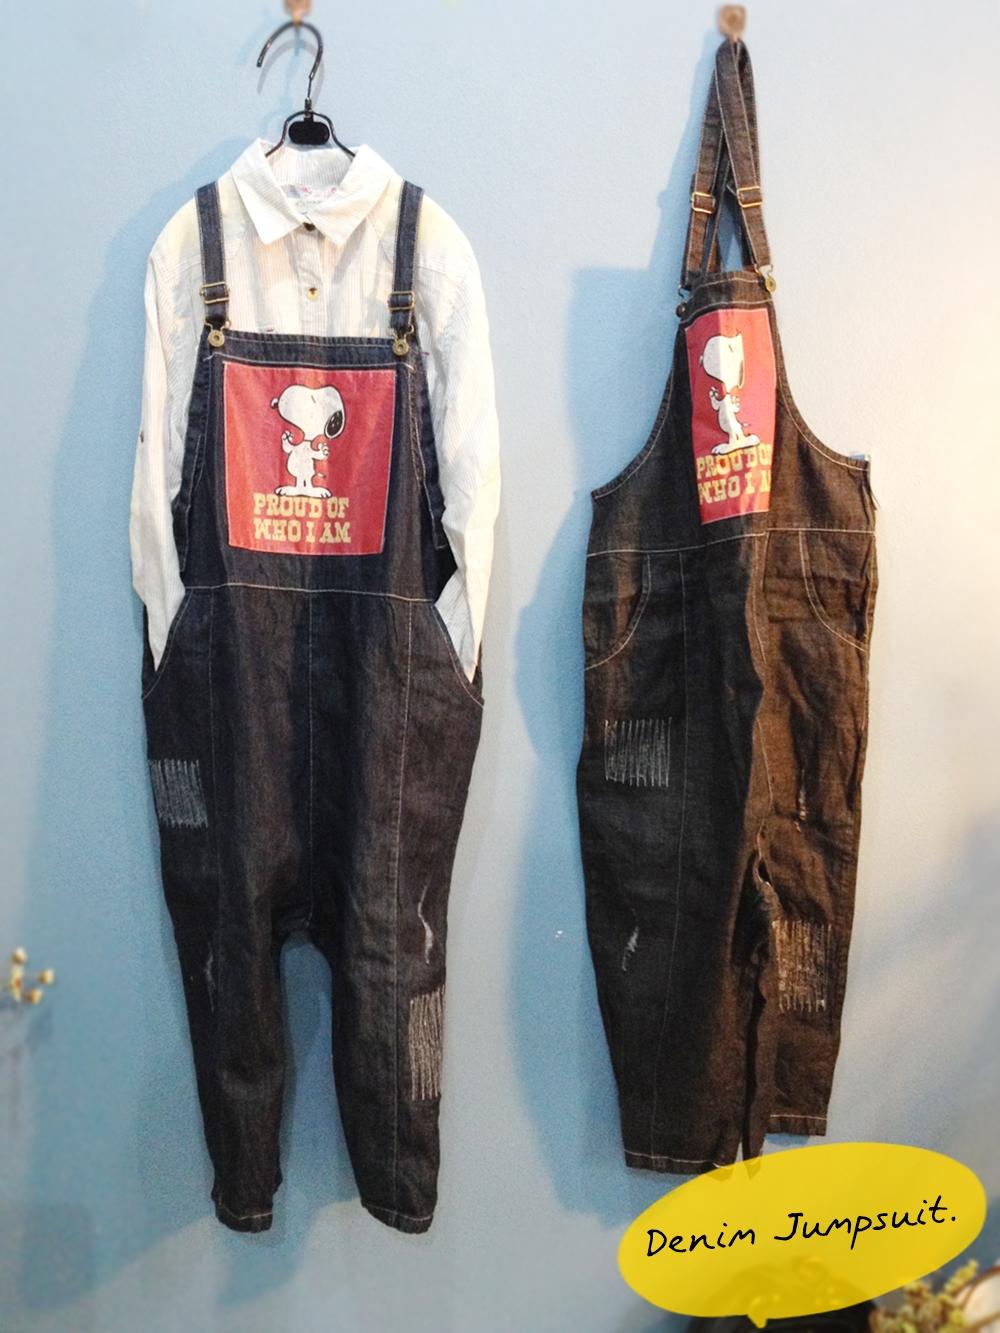 เอี๊ยมกางเกงยีนส์เต็มตัว สีพื้นลายการ์ตูนด้านหน้า สไตล์เซอร์ๆ